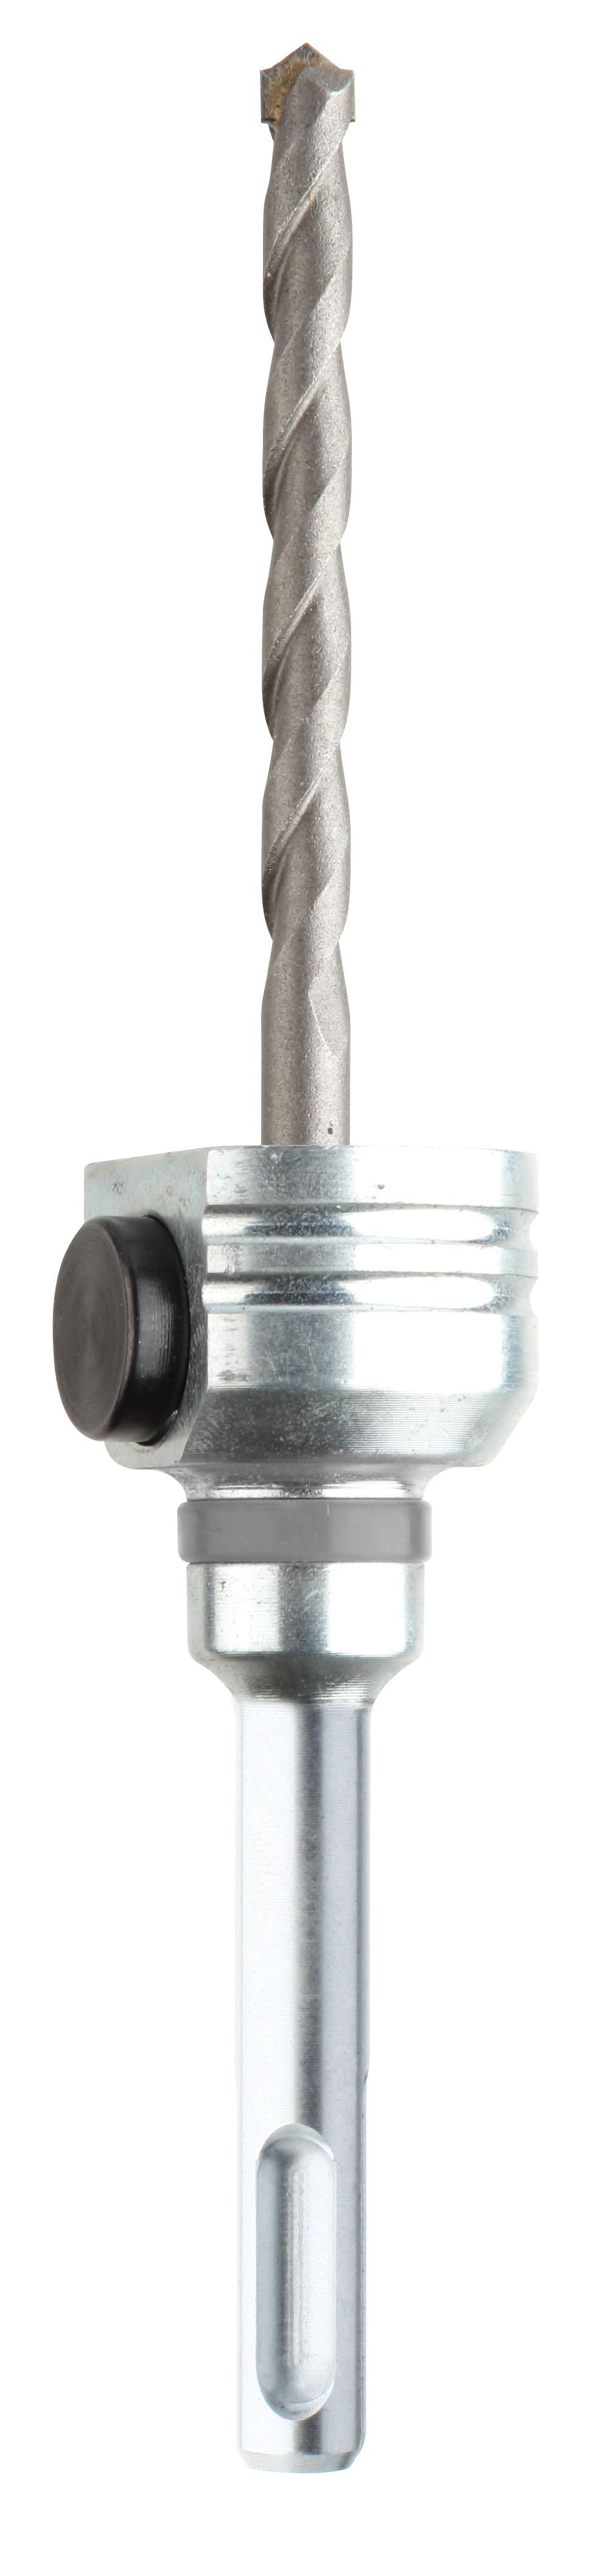 Drilling Carbide hole saw Pilote onehand carbide drill SDS+ shank - 357E.jpg